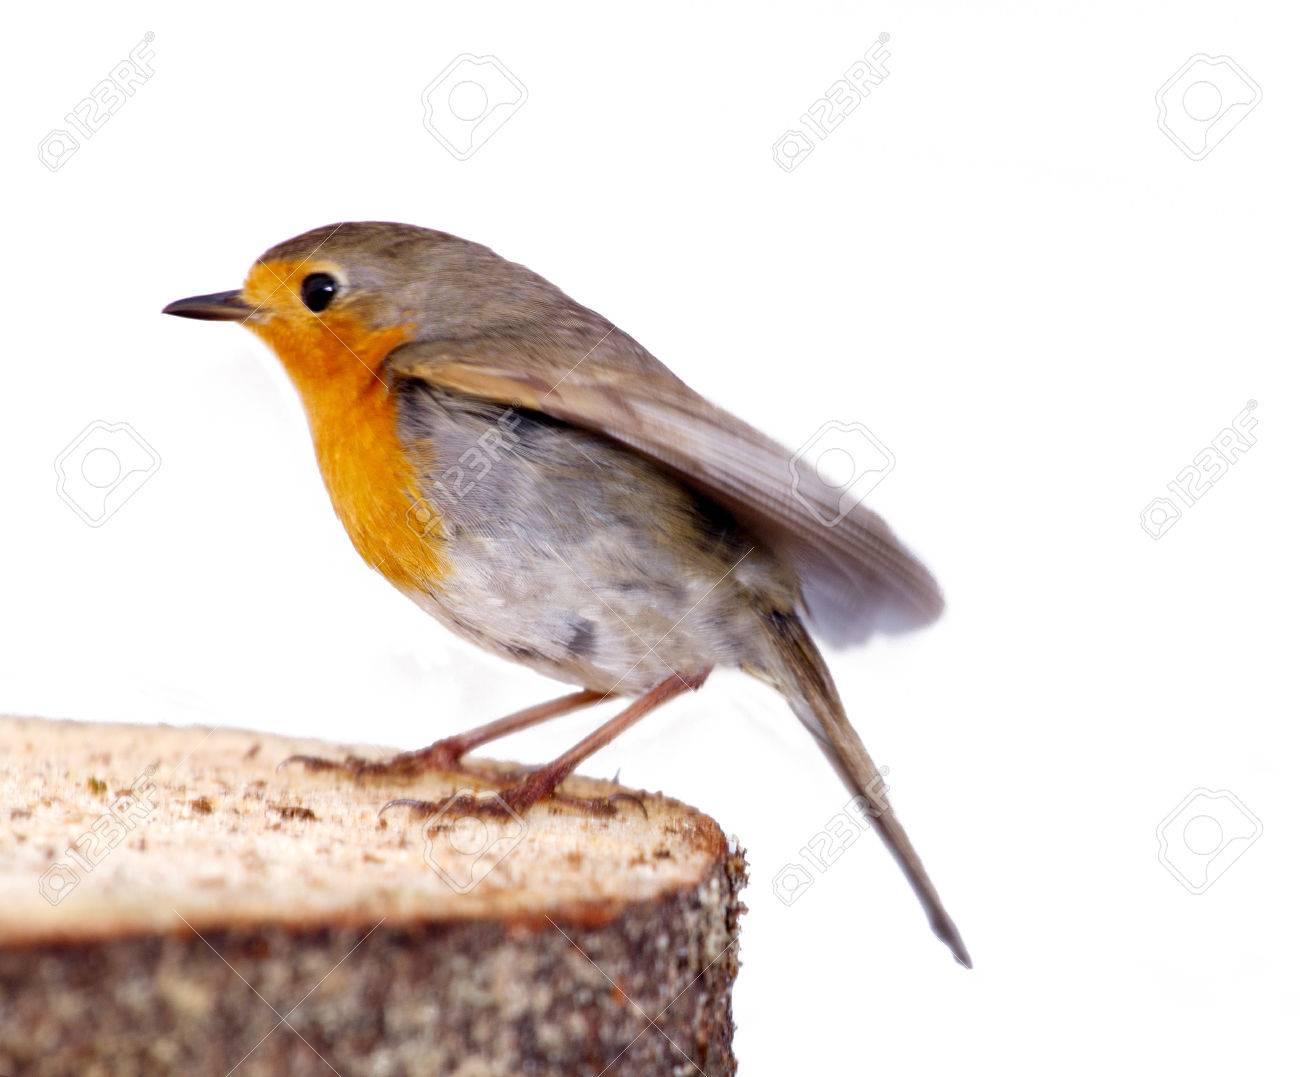 robin (Erithacus rubecola) close up - 25709549